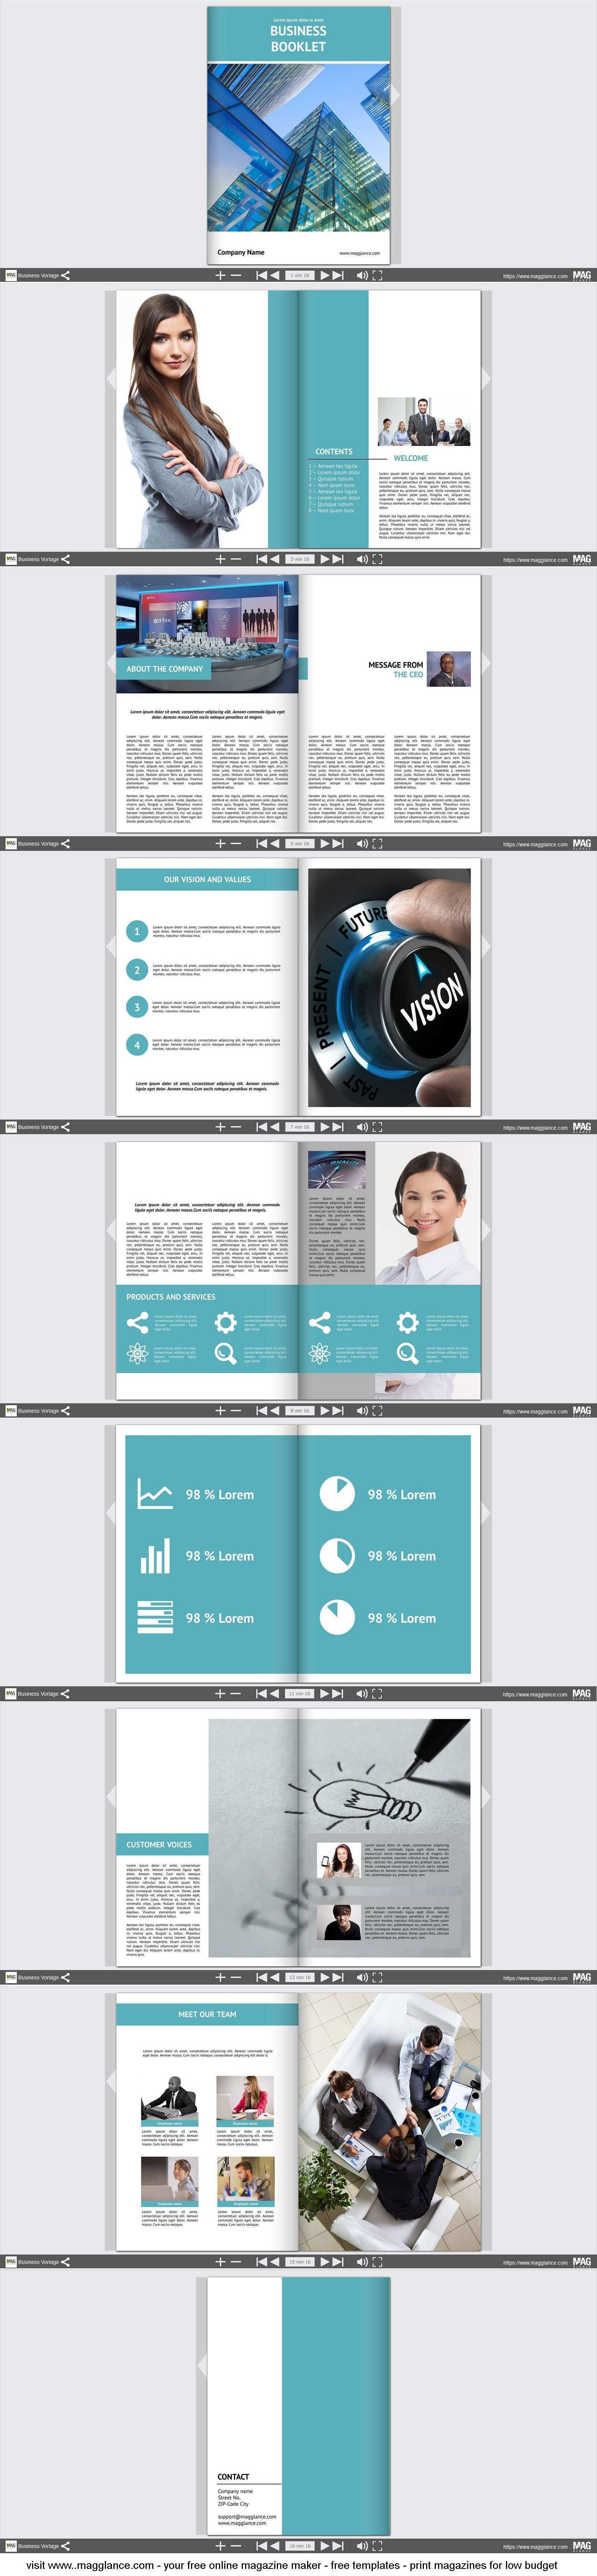 Business Broschure Kostenlos Online Erstellen Und Gunstig Drucken Unter Https De Magglance Com Magazine 43d79ae8 Broschure Vorlage Broschure Design Broschure